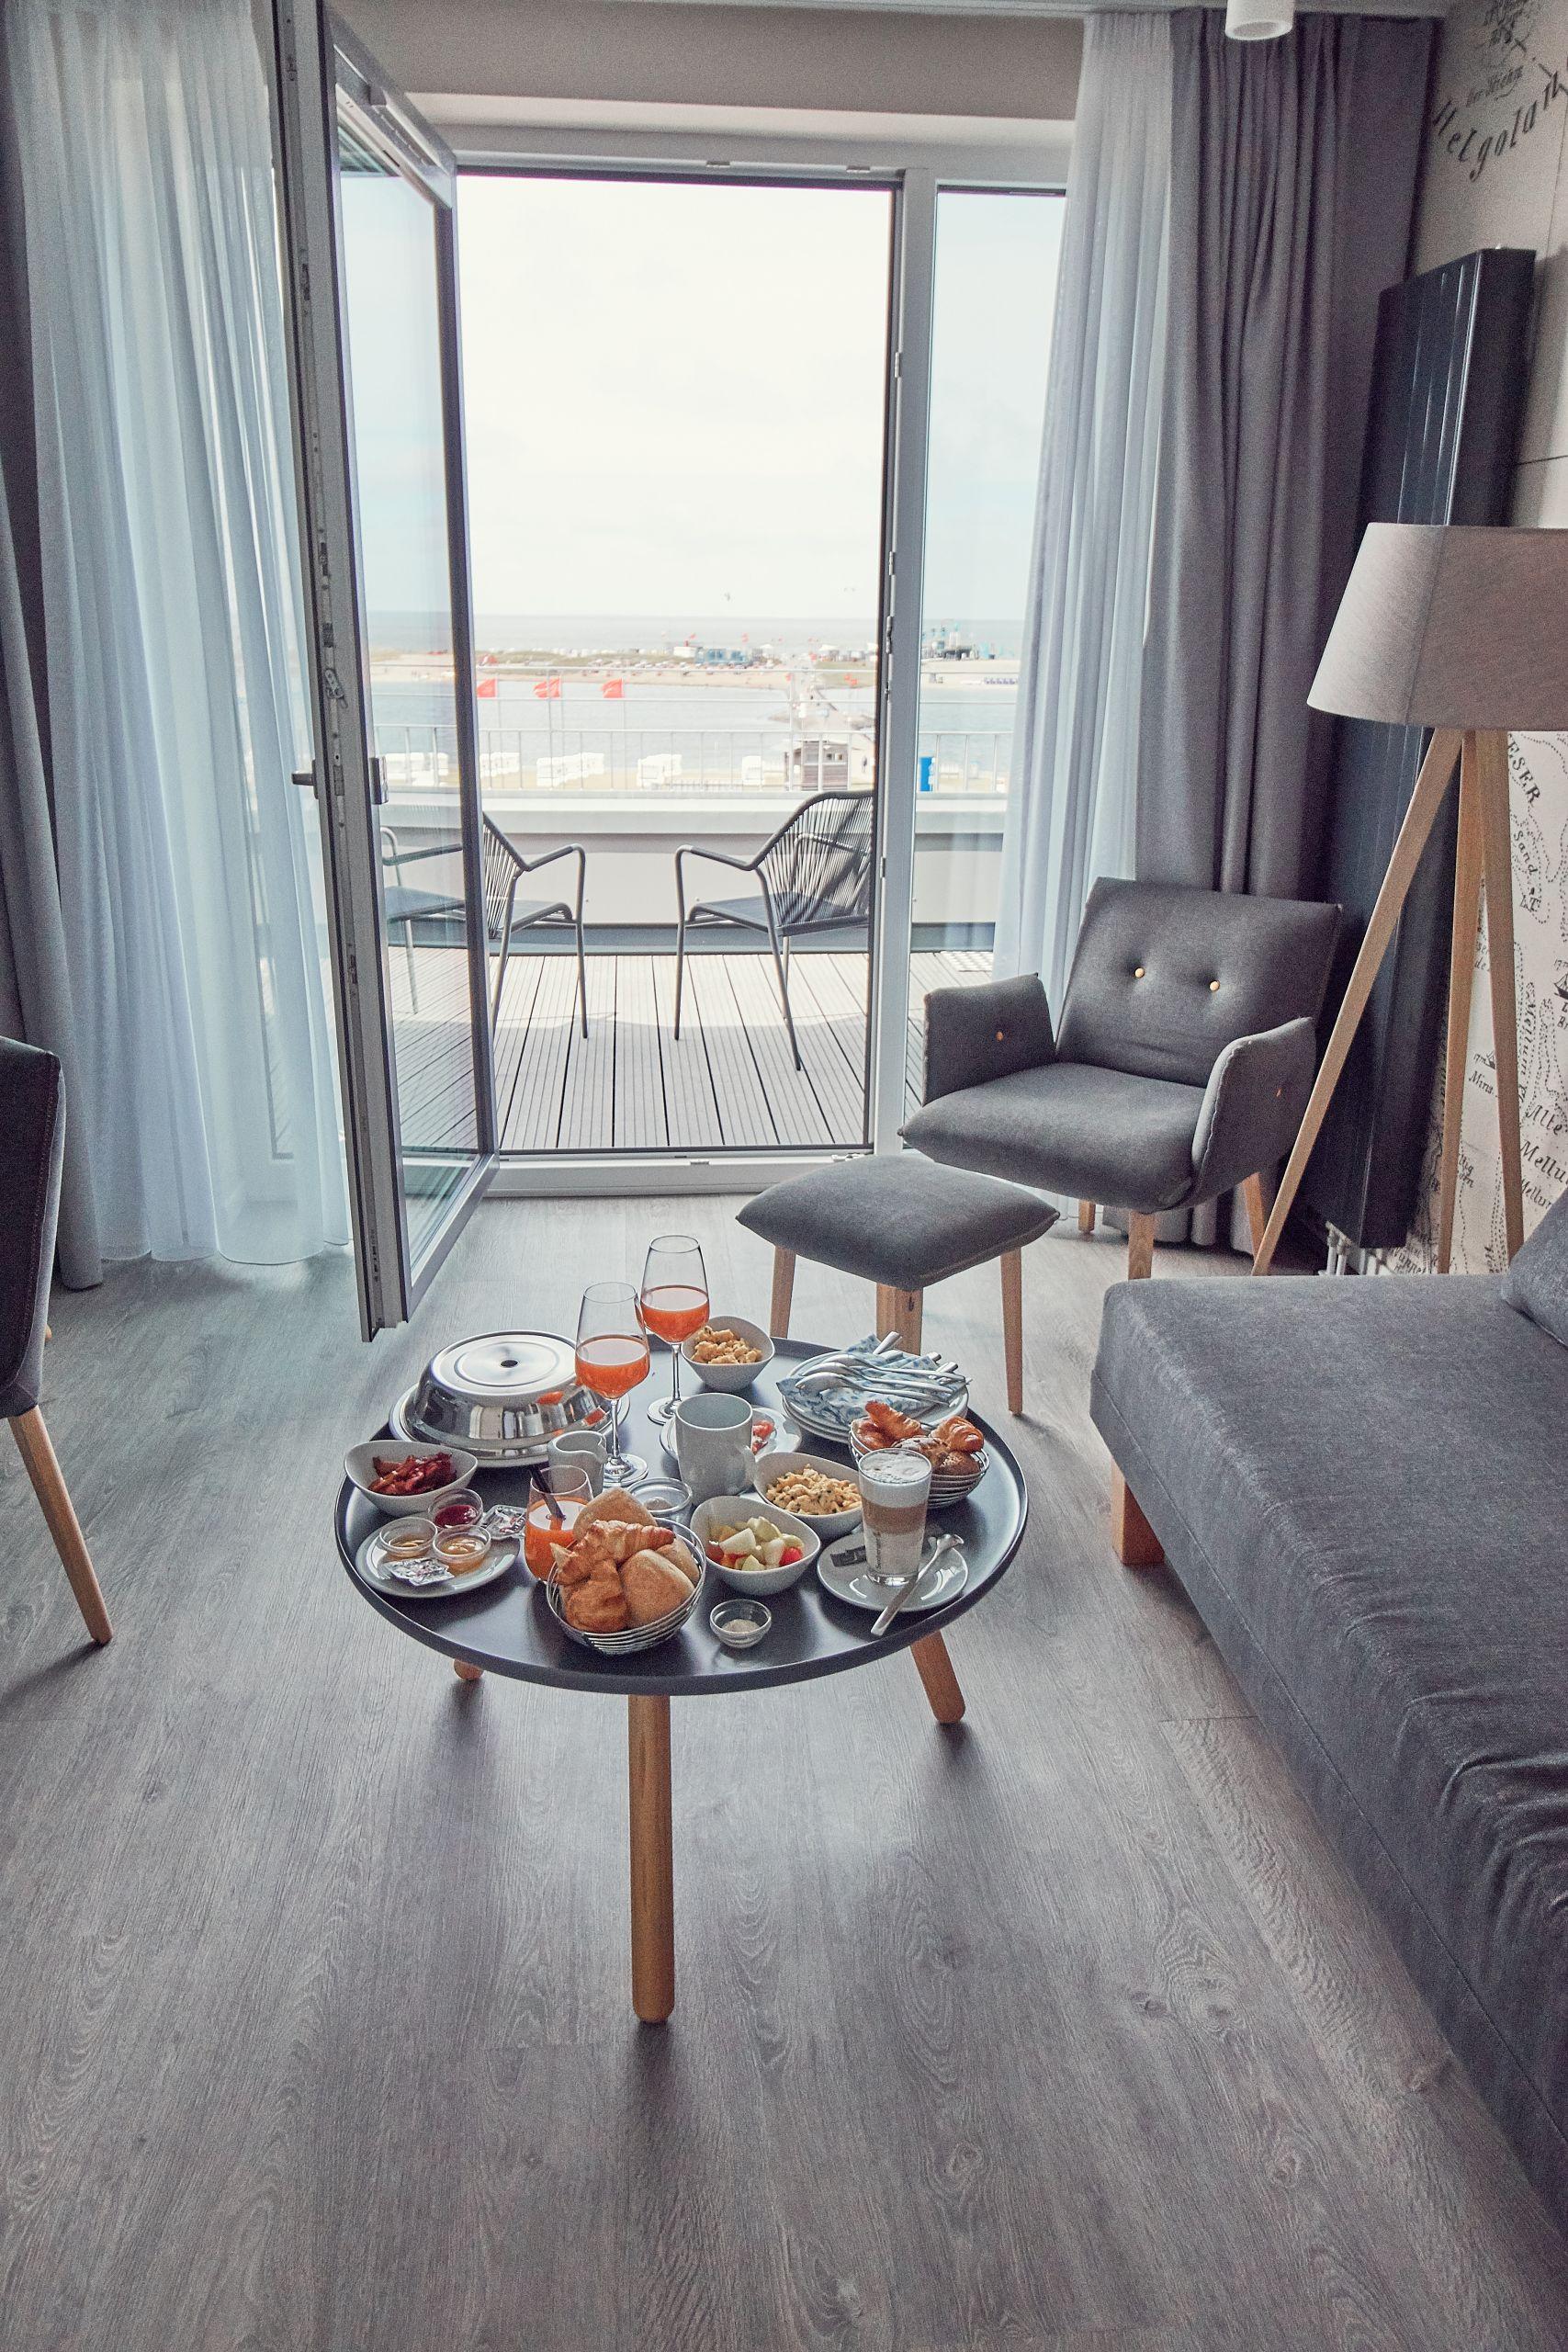 Wohnzimmer des Strandhotel Küstenperle in Büsum